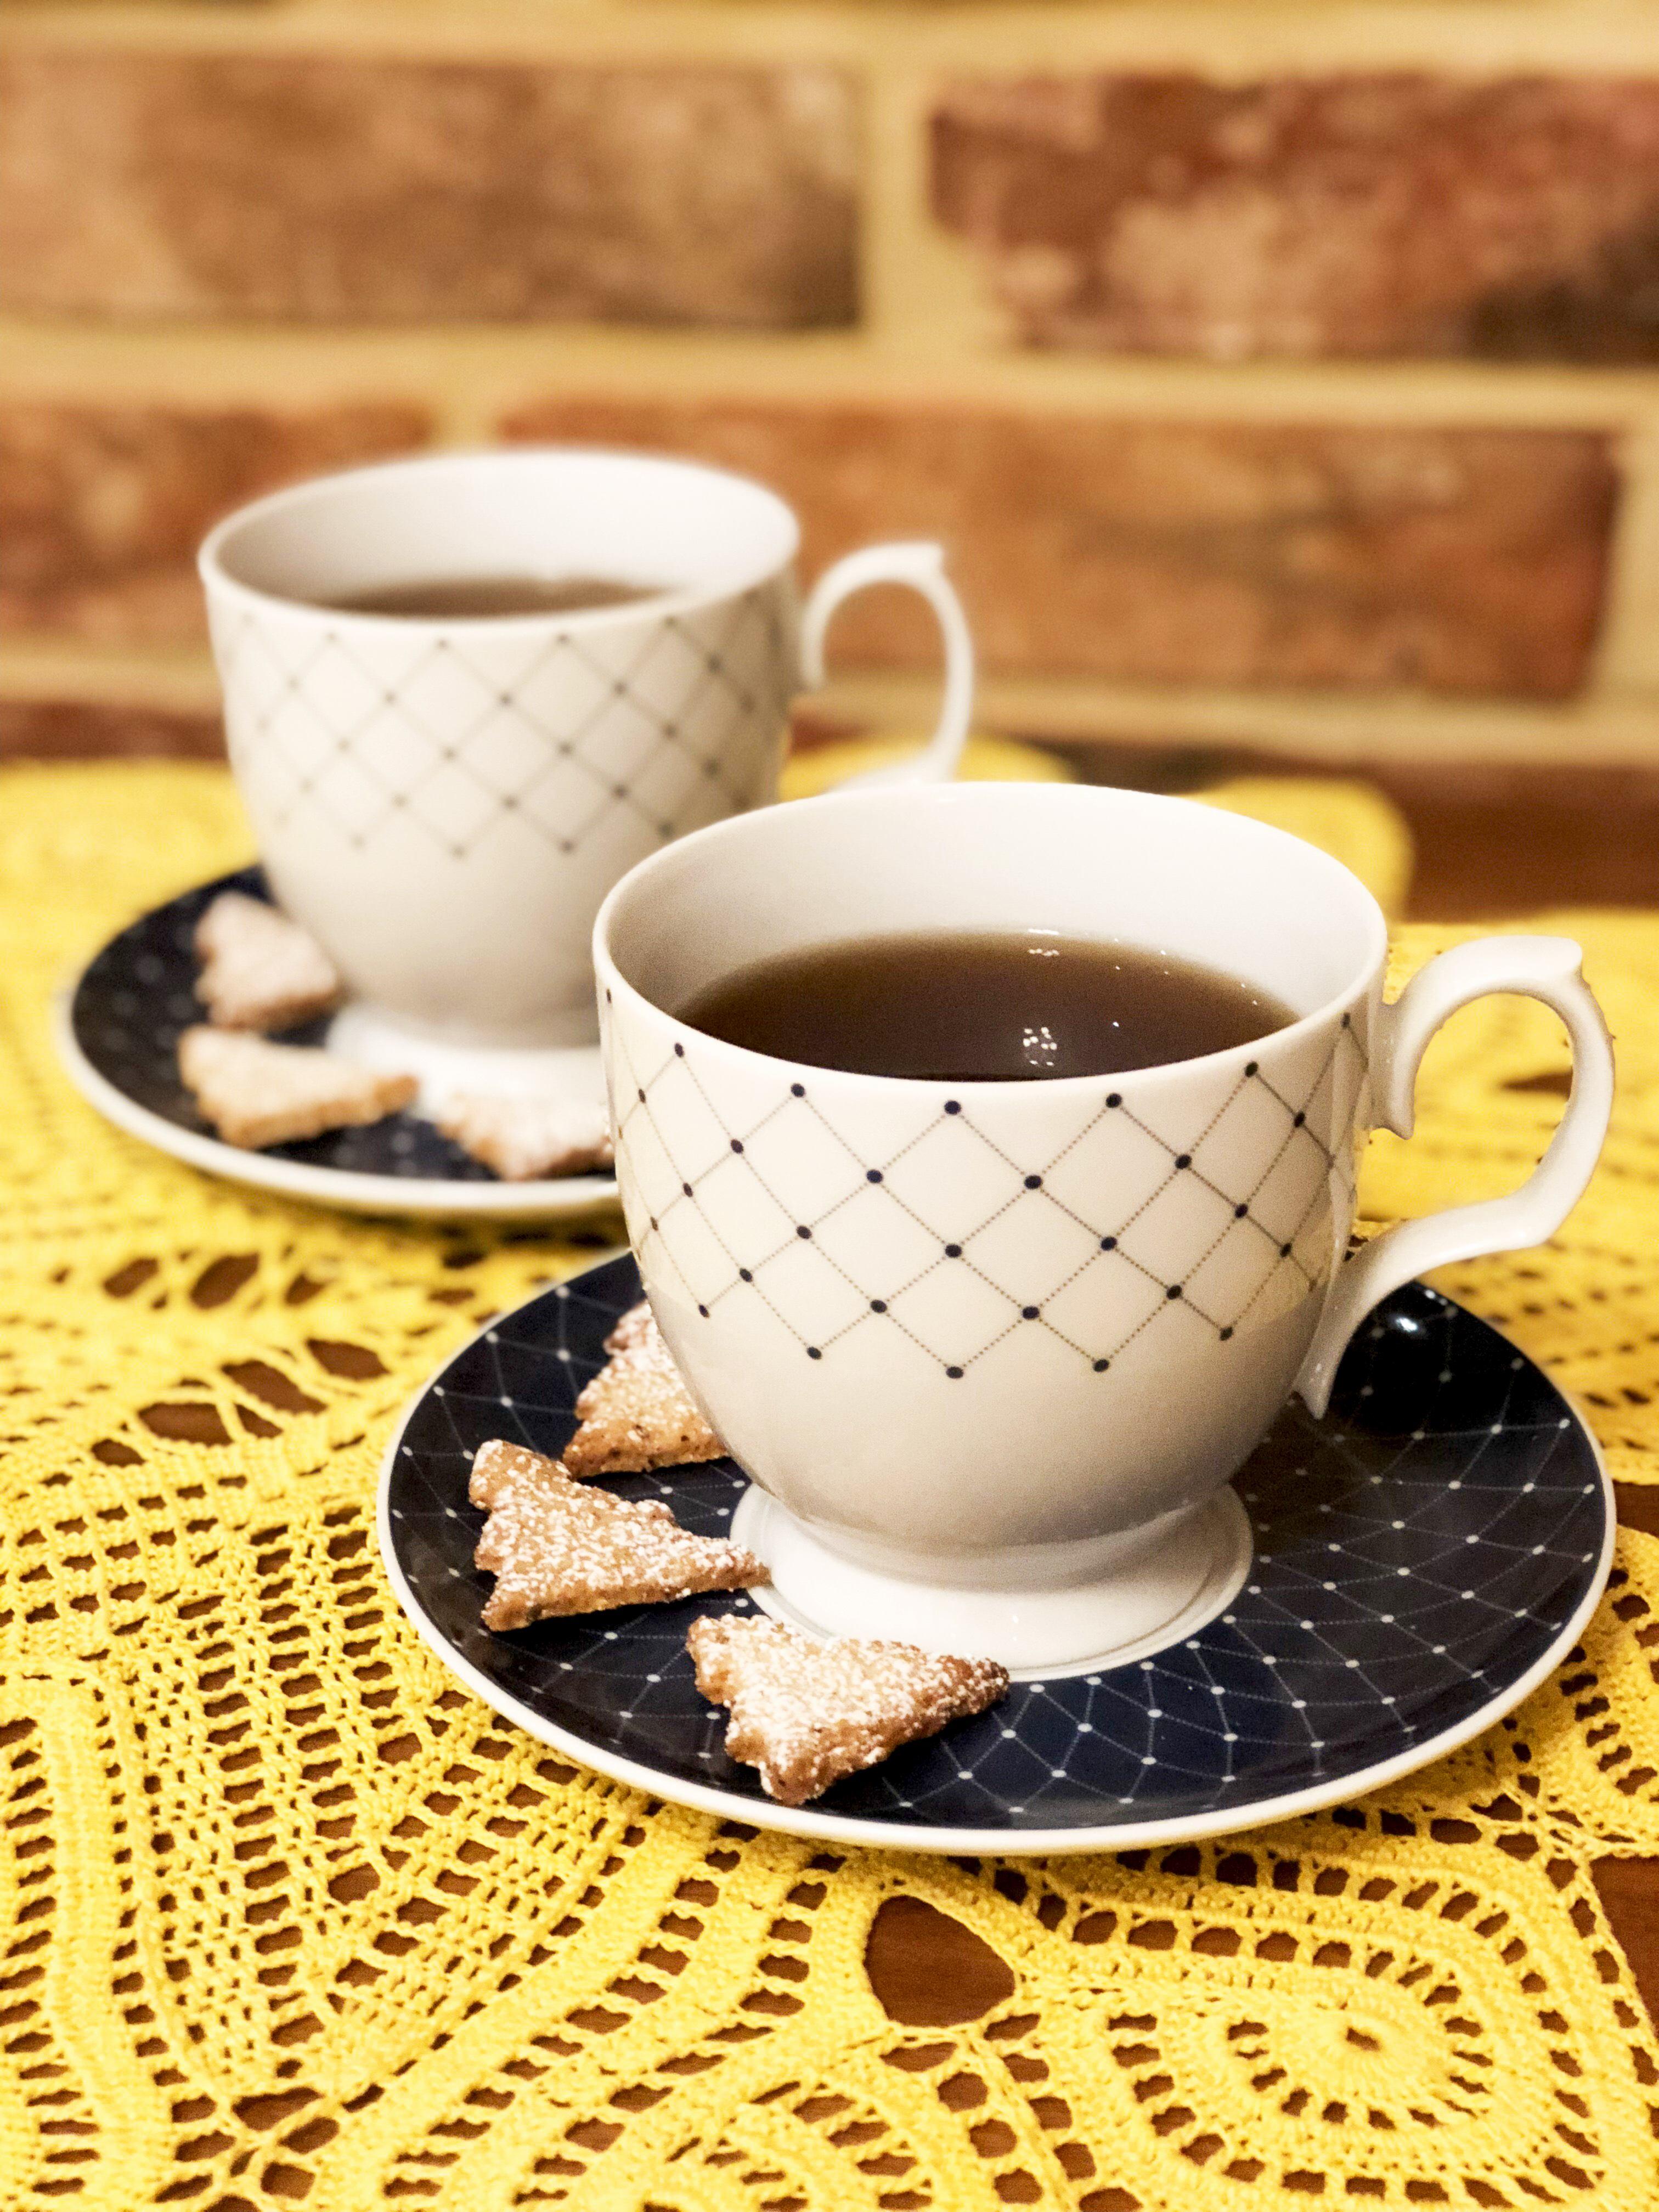 Orzechowe ciasteczka świąteczne do kawy i herbaty